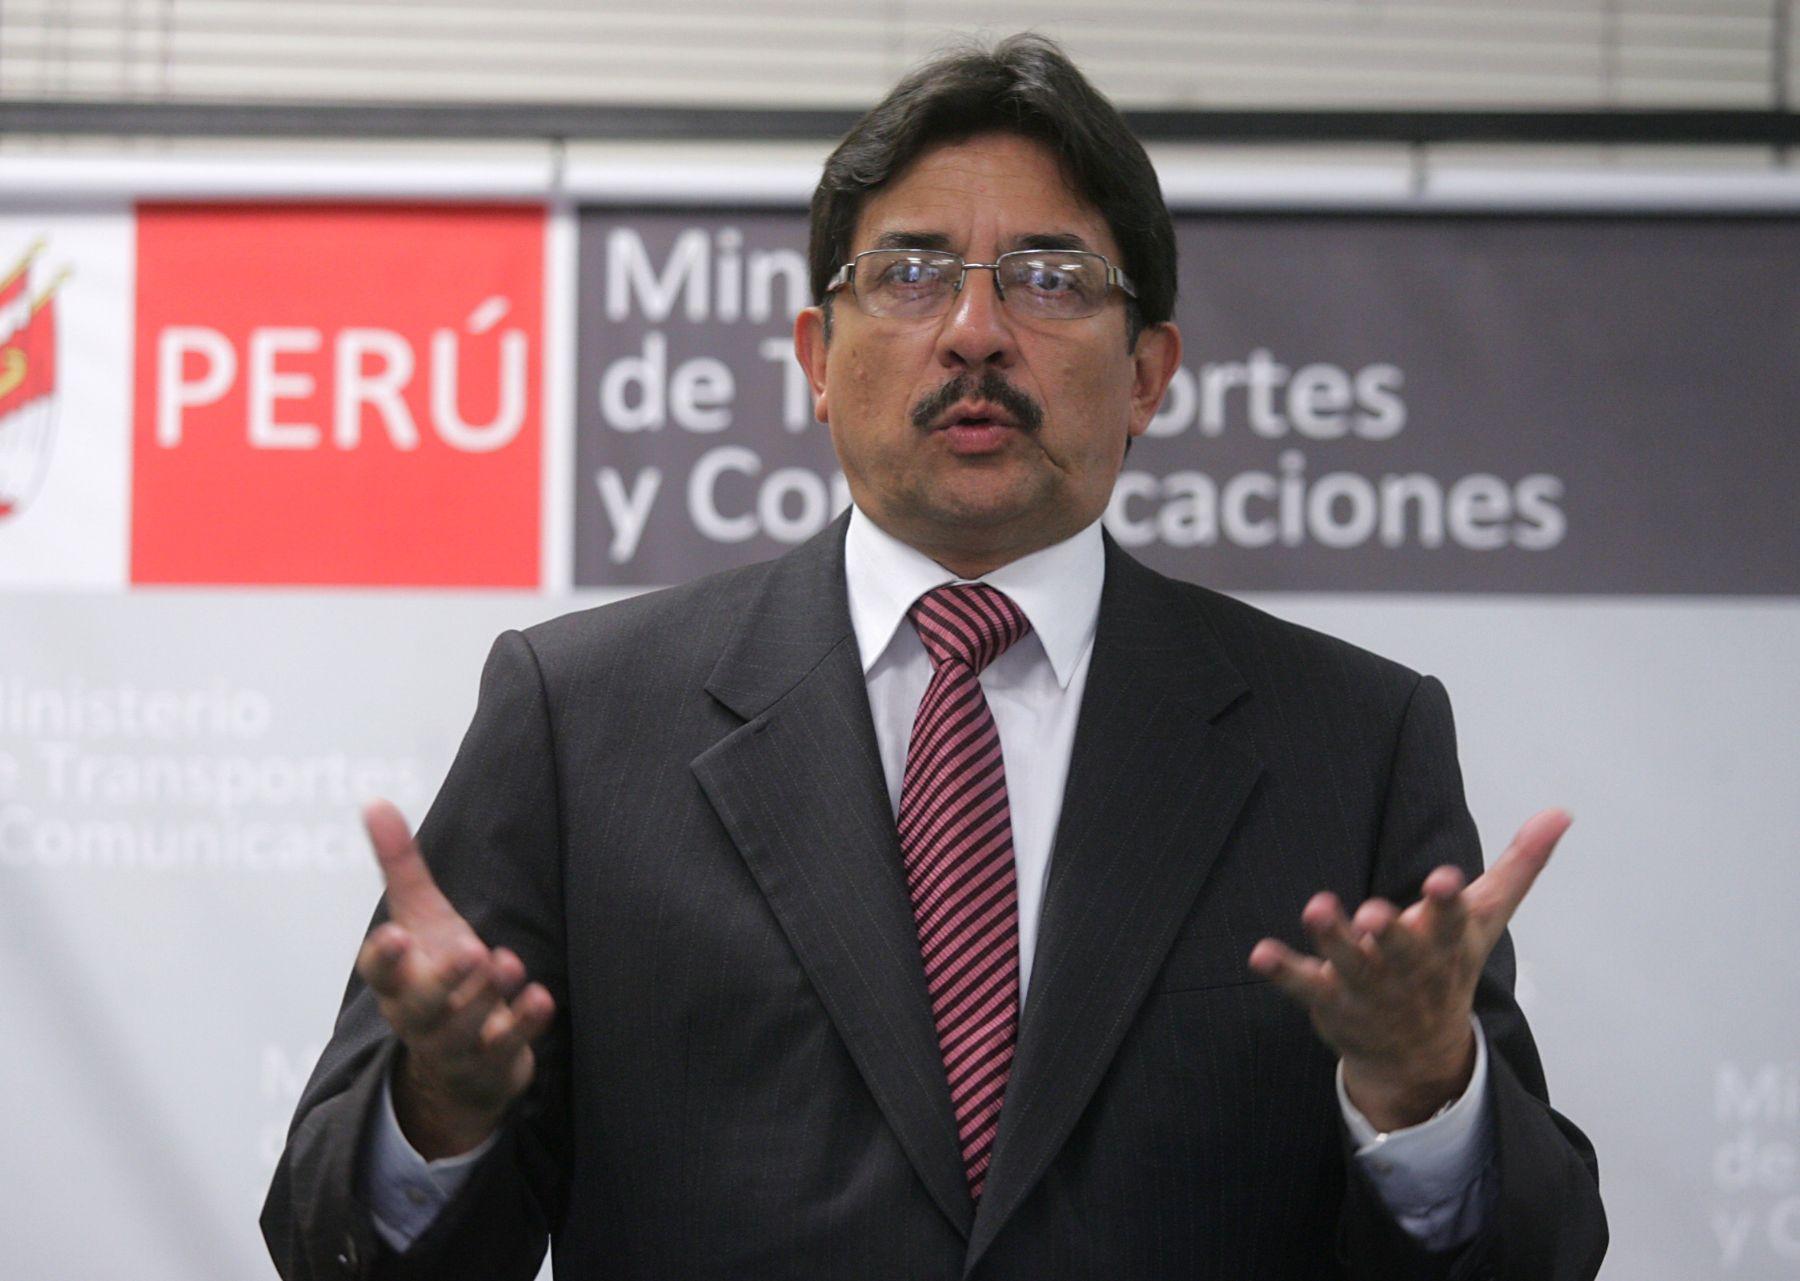 Ministro de Transportes y Comunicaciones, Enrique Cornejo, , firma convenio con Jica de Japon para construir nuevo puente internacional Perú-Ecuador.  Foto: ANDINA/Rubén Grández